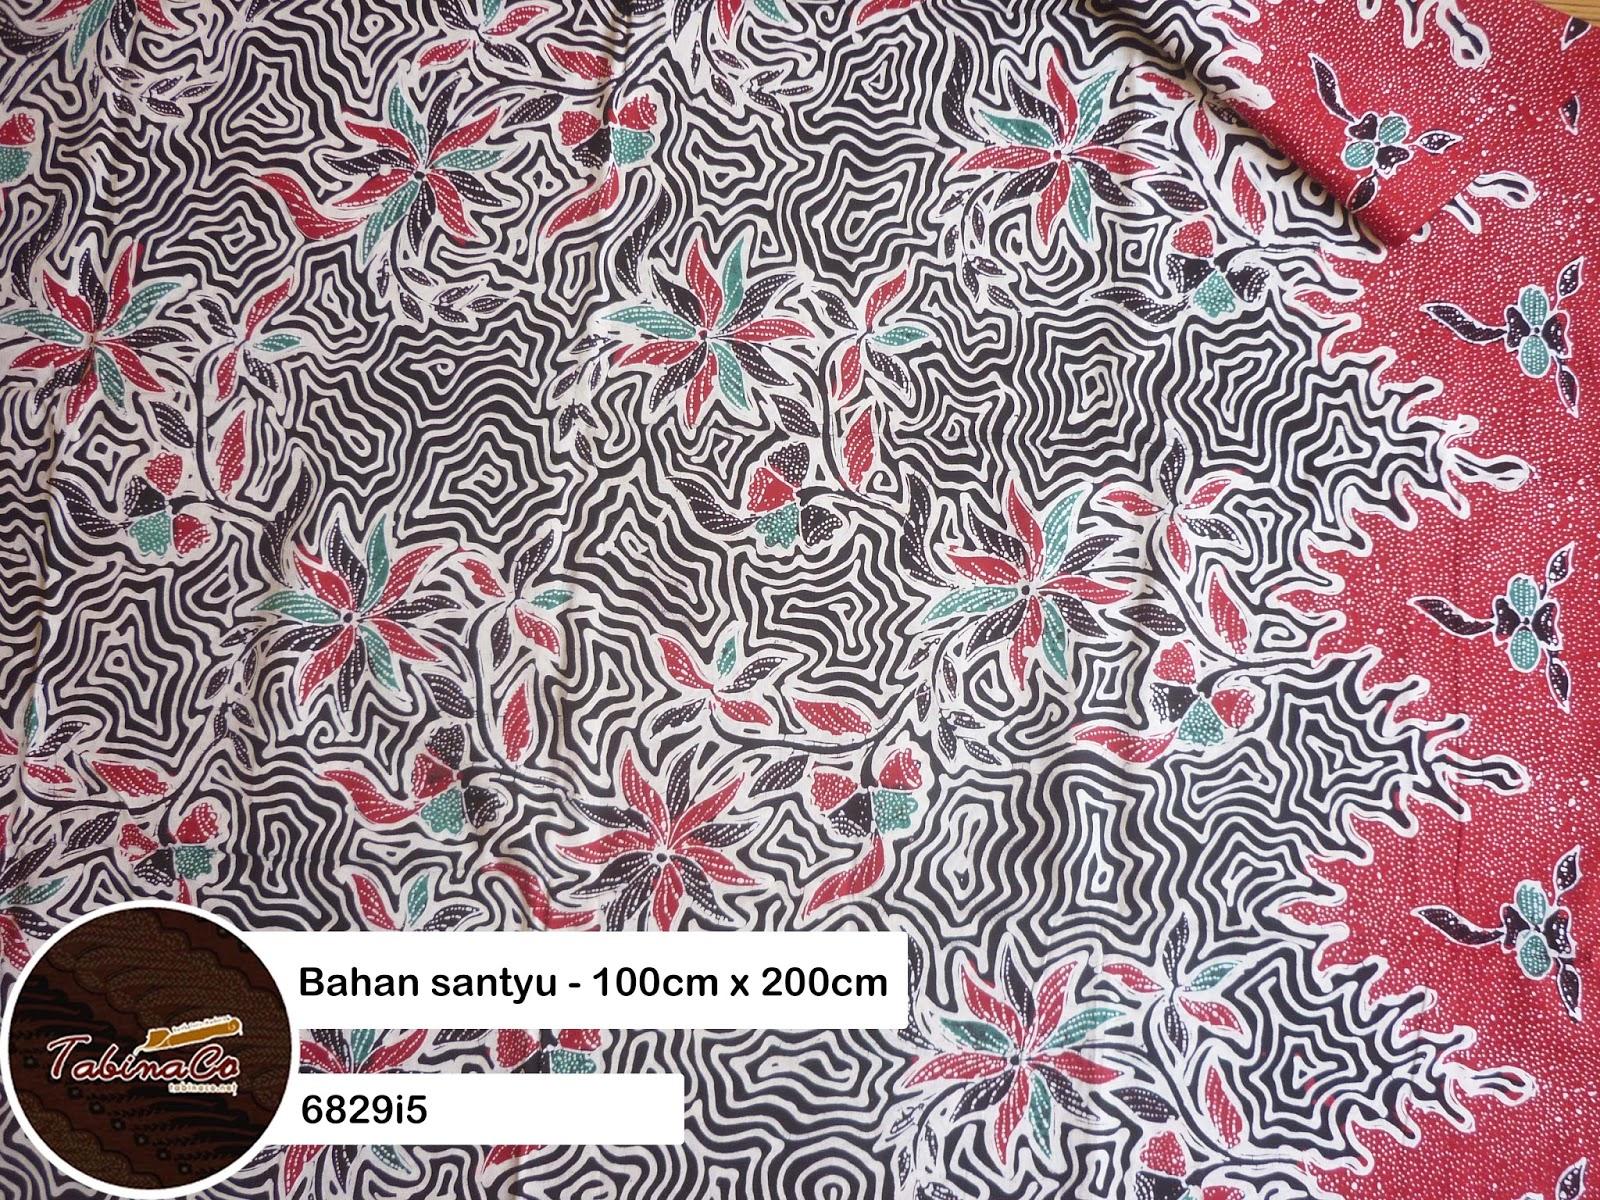 Harga Kain Batik Tulis Madura murah  tabinaco batik madura